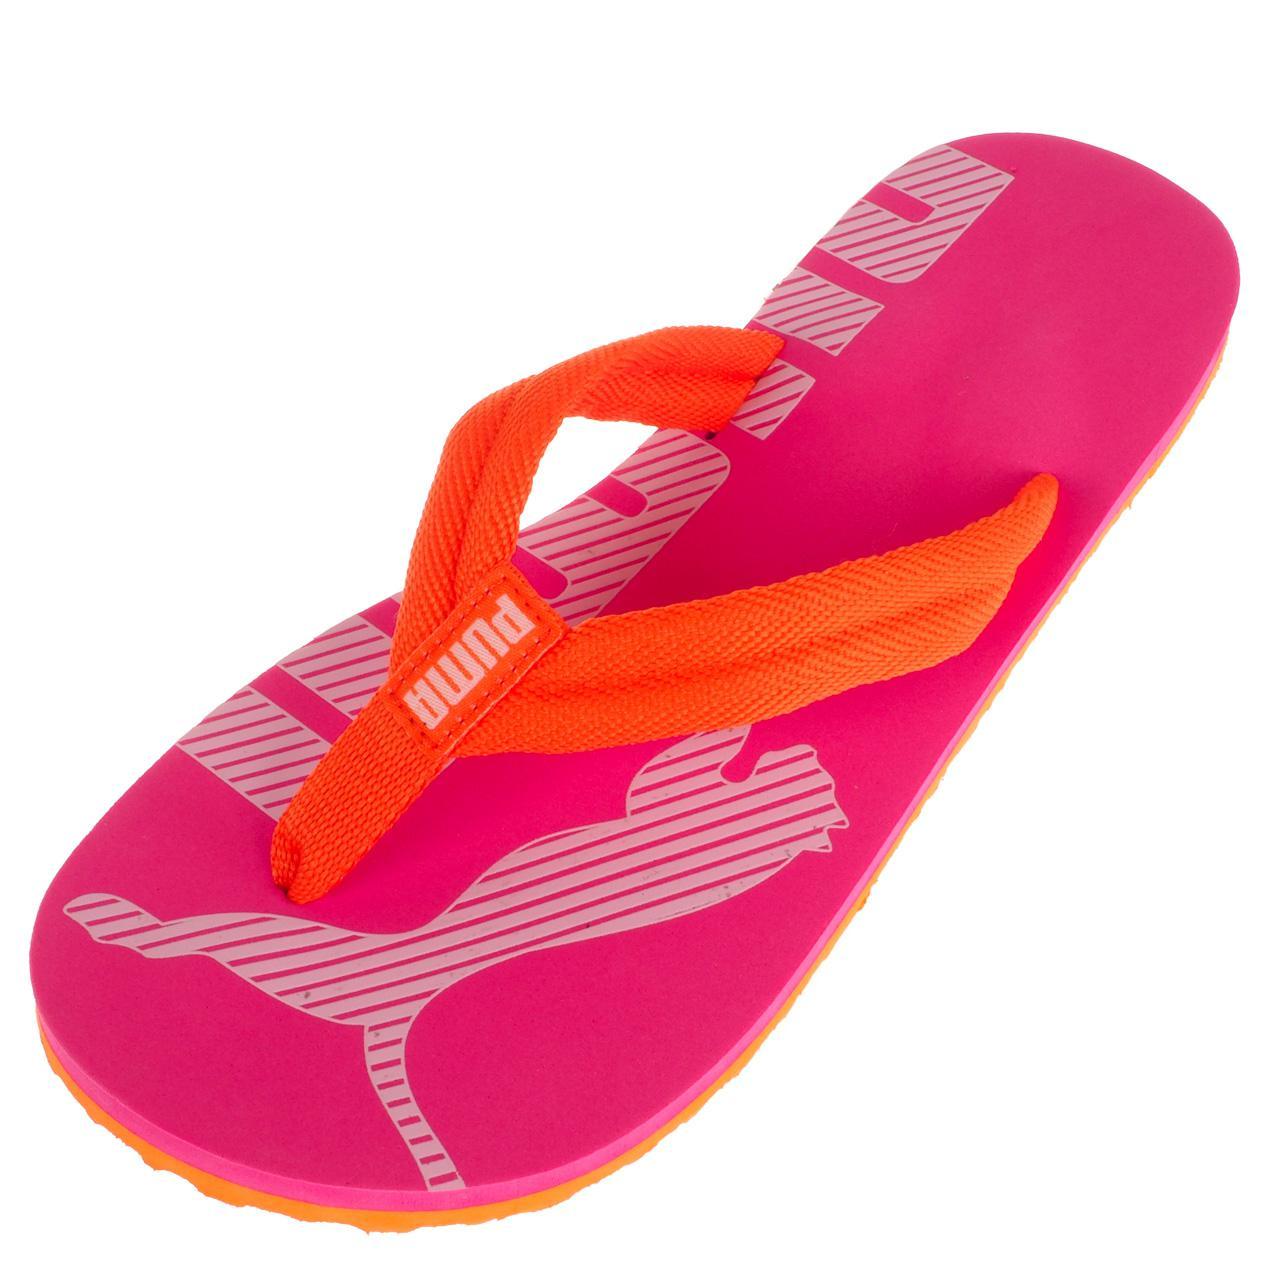 Latschen-Flip-Flops-Puma-Epic-Flip-v2-Rosa-Flip-Flops-Jr-Rosa-17067-Neu